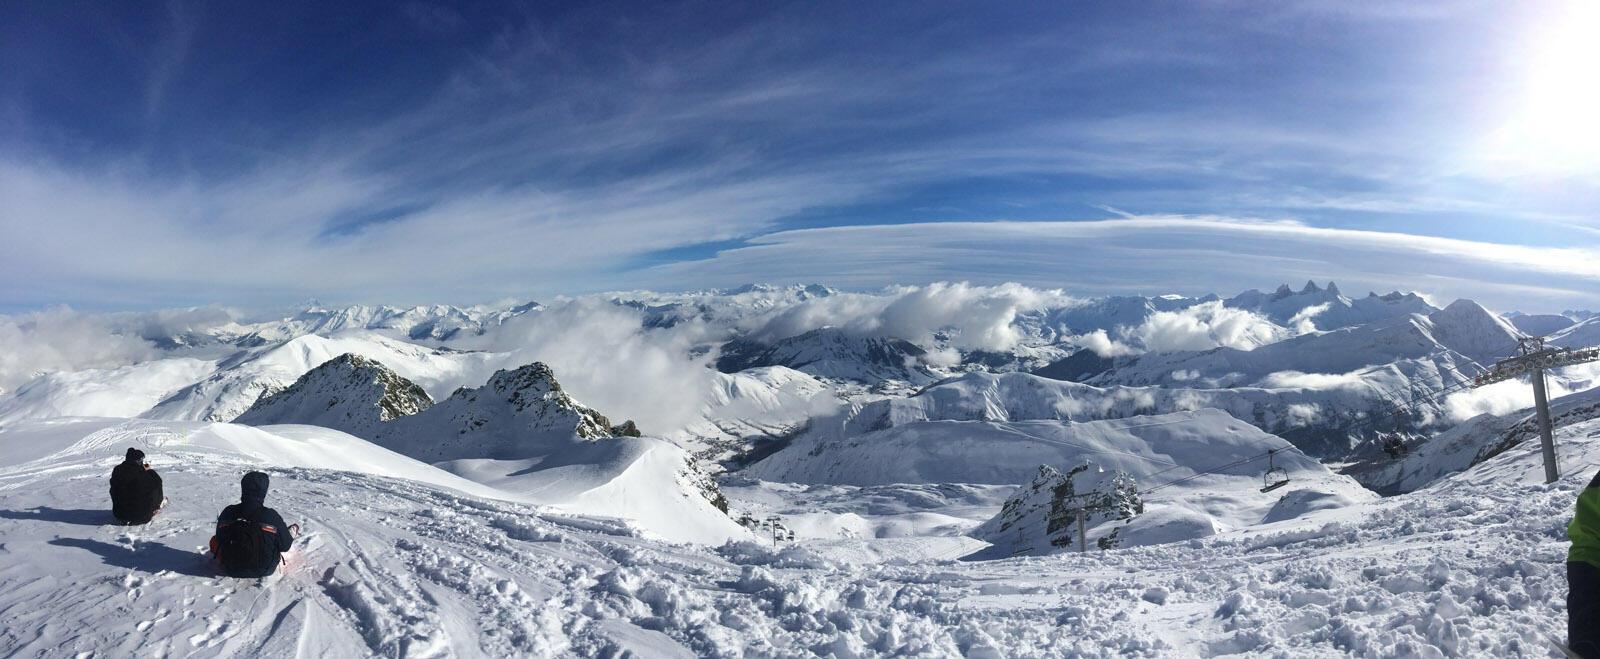 阿爾卑斯山的薩瓦省滑雪場